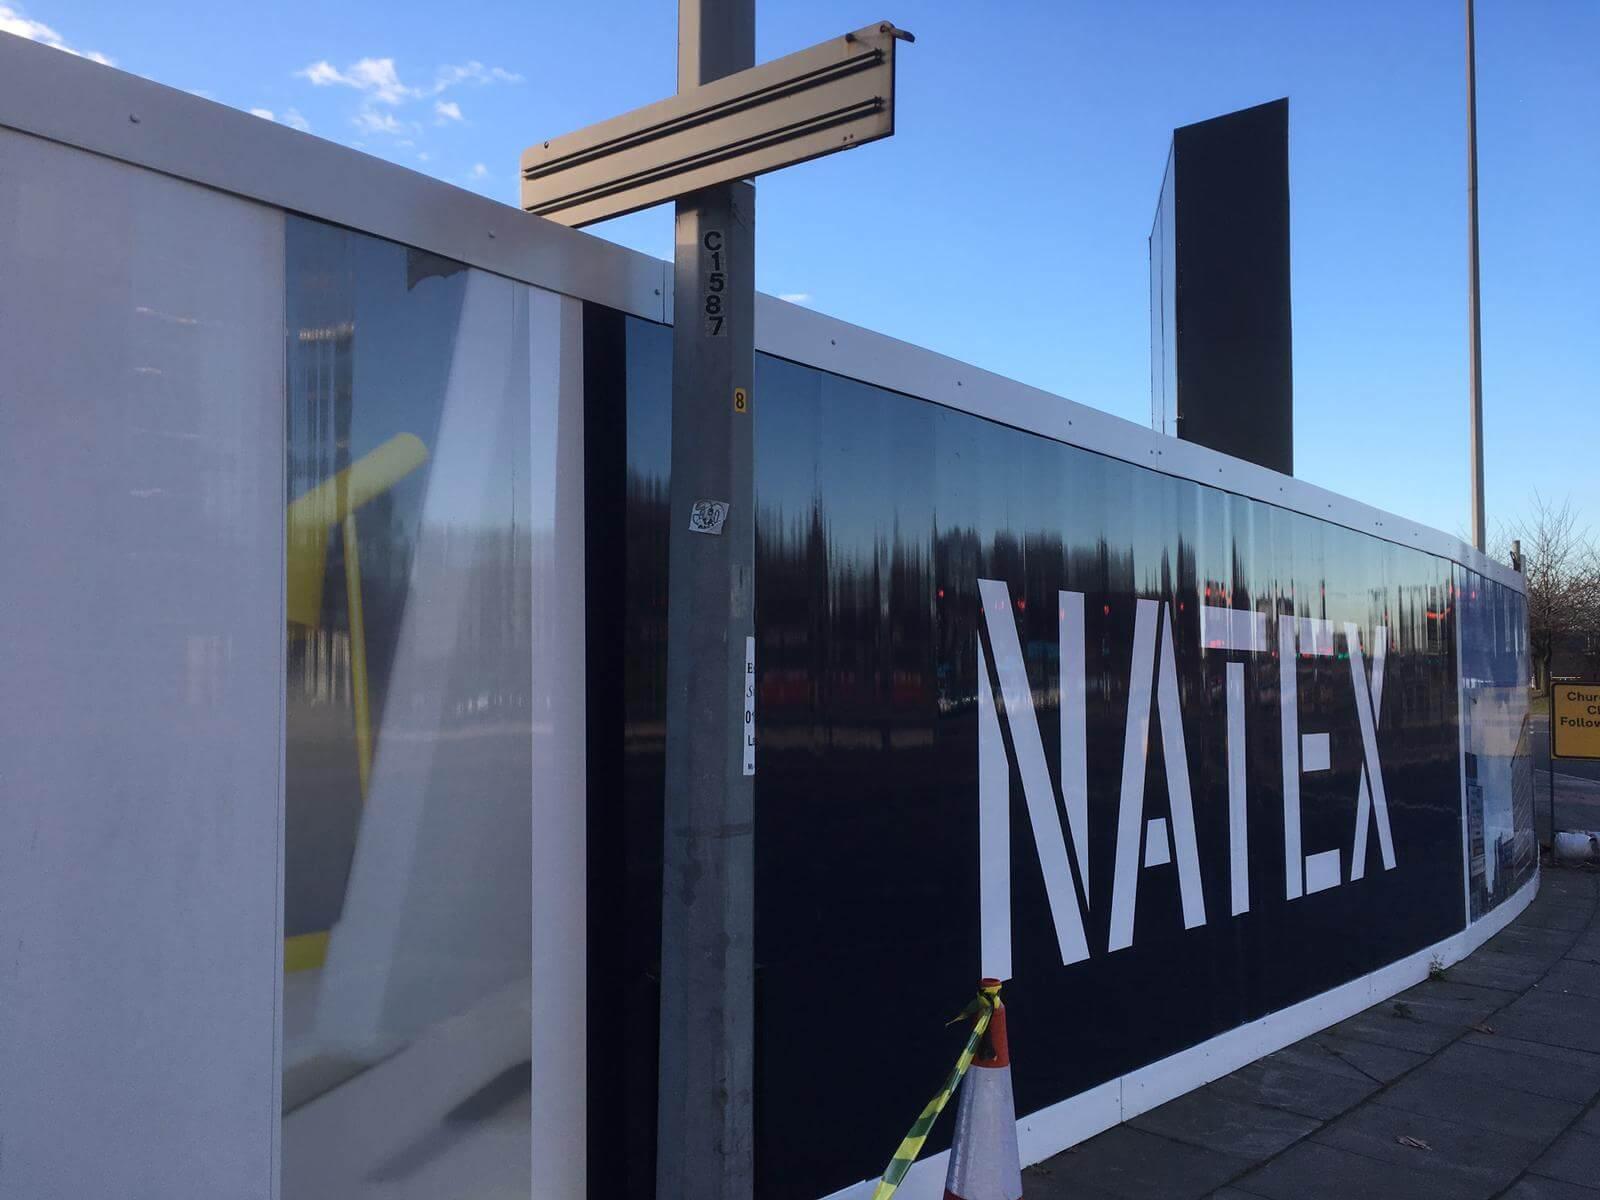 Hoarding graphics natex